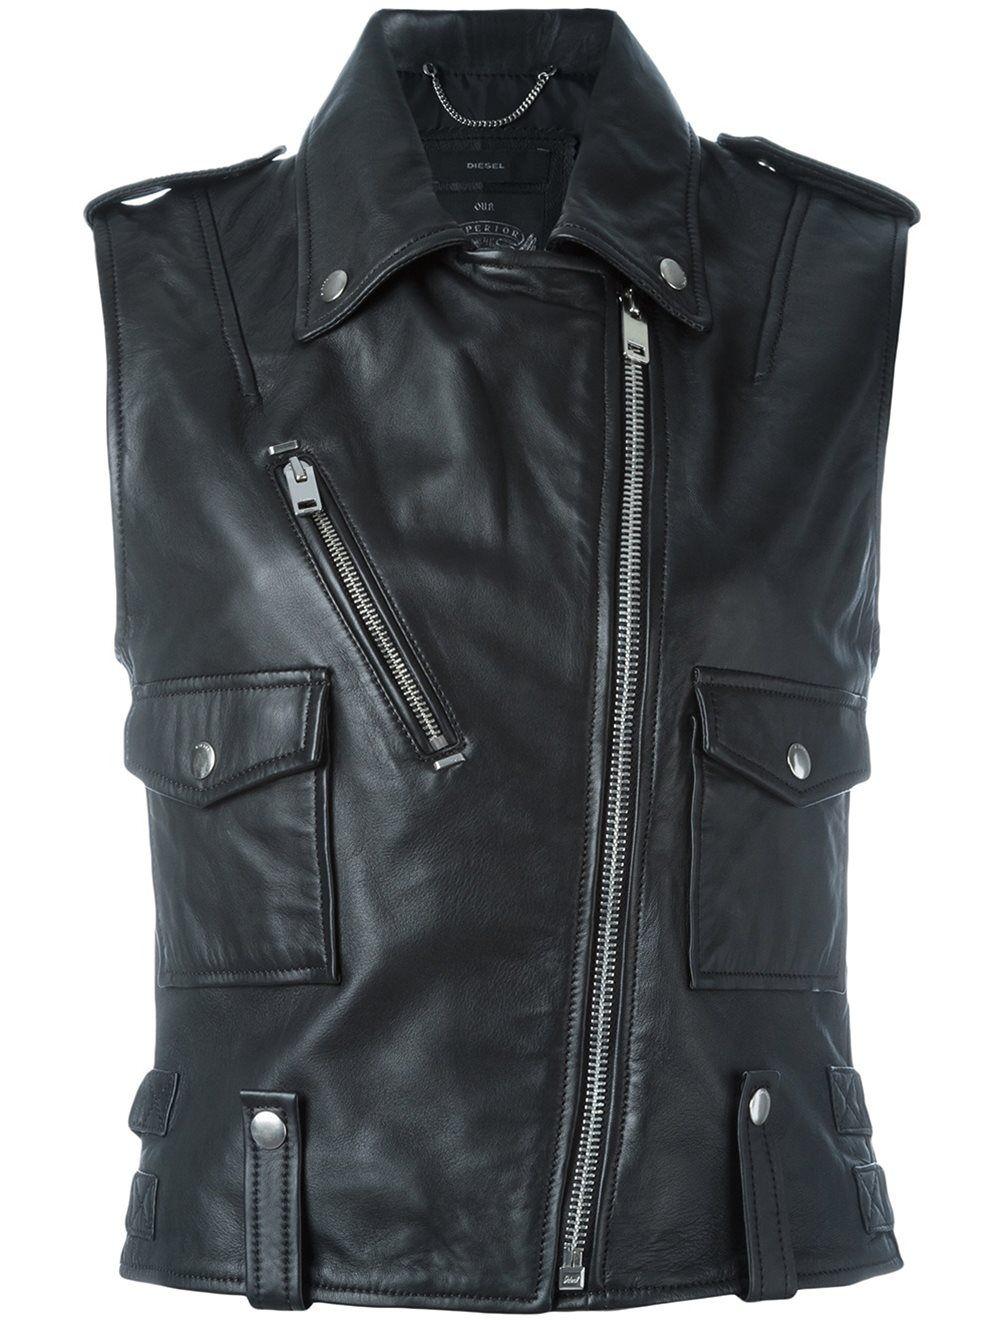 Diesel Leather Sleeveless Biker Jacket Vest Black Vest Designer Leather Jackets Jackets Leather Jackets Women [ 1334 x 1000 Pixel ]